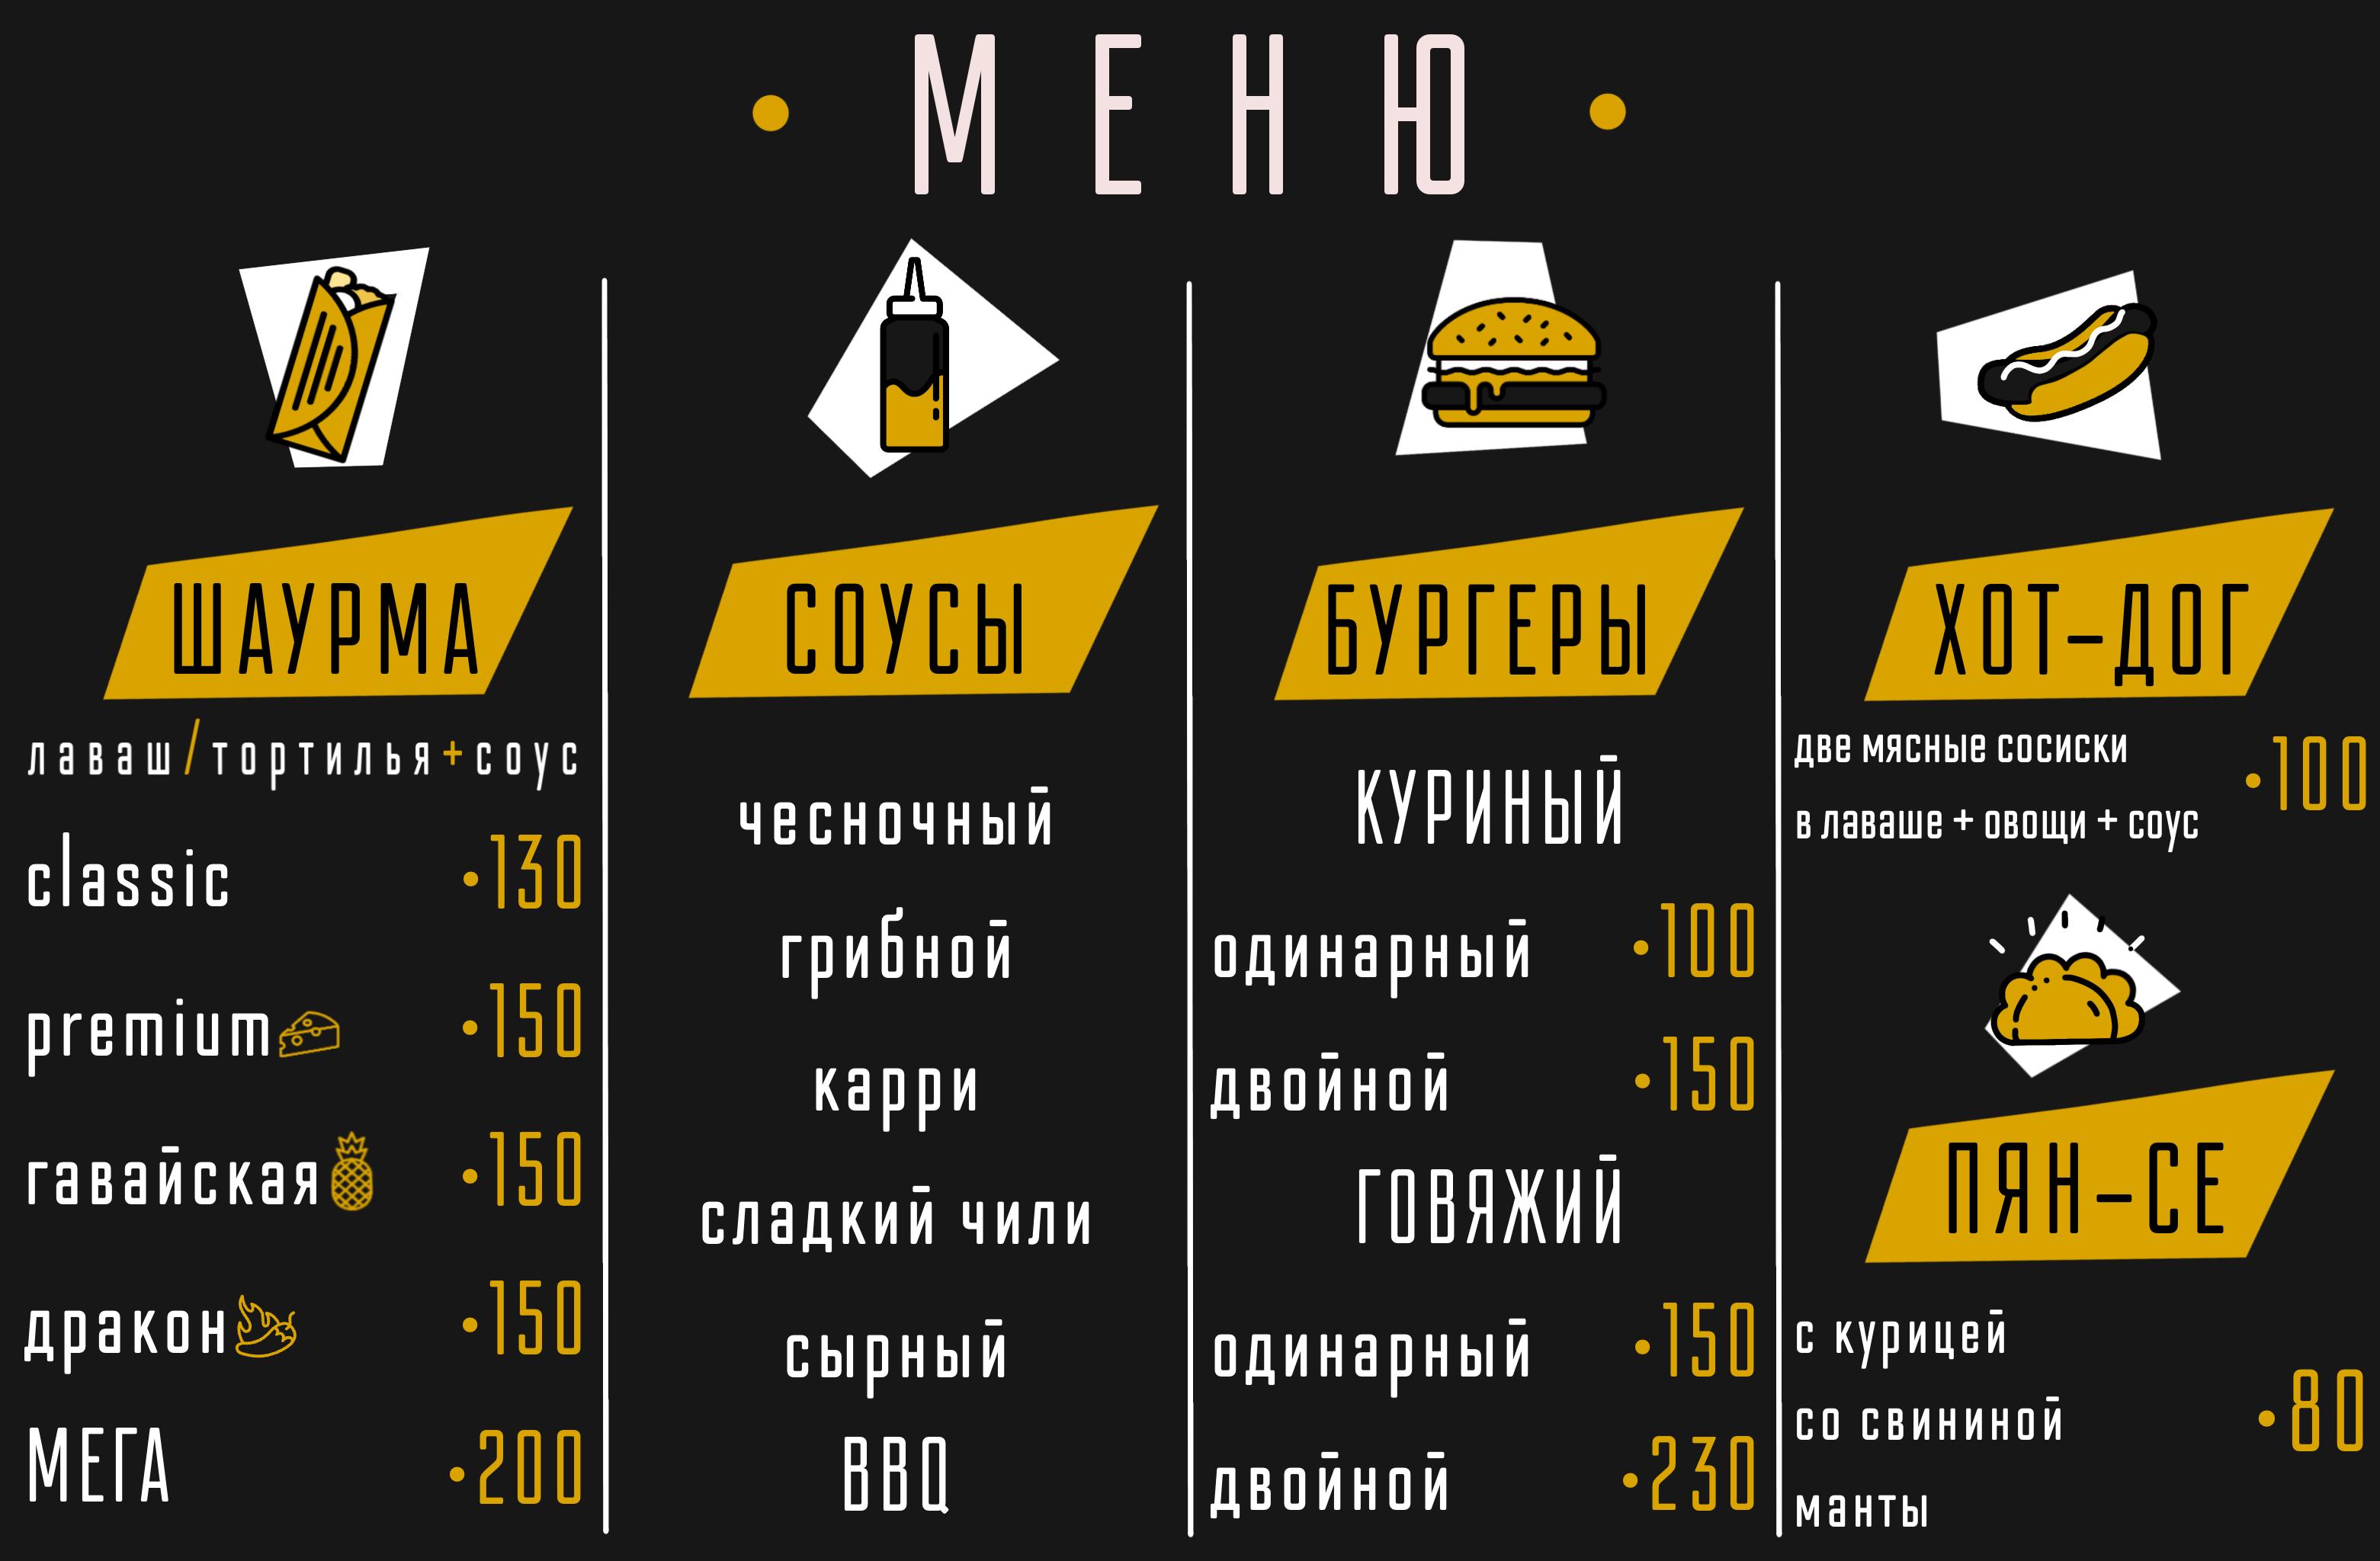 #UNika #логотип #мойпин #рисунки #идеи #фастфуд #fastfood #menu #меню #вдохновение #первыеработы #лого #попарт #арт #art #popart #логтипназаказ #наклейки #стикер #стикеры #шауroom #логотипы #значки #знак #черновик